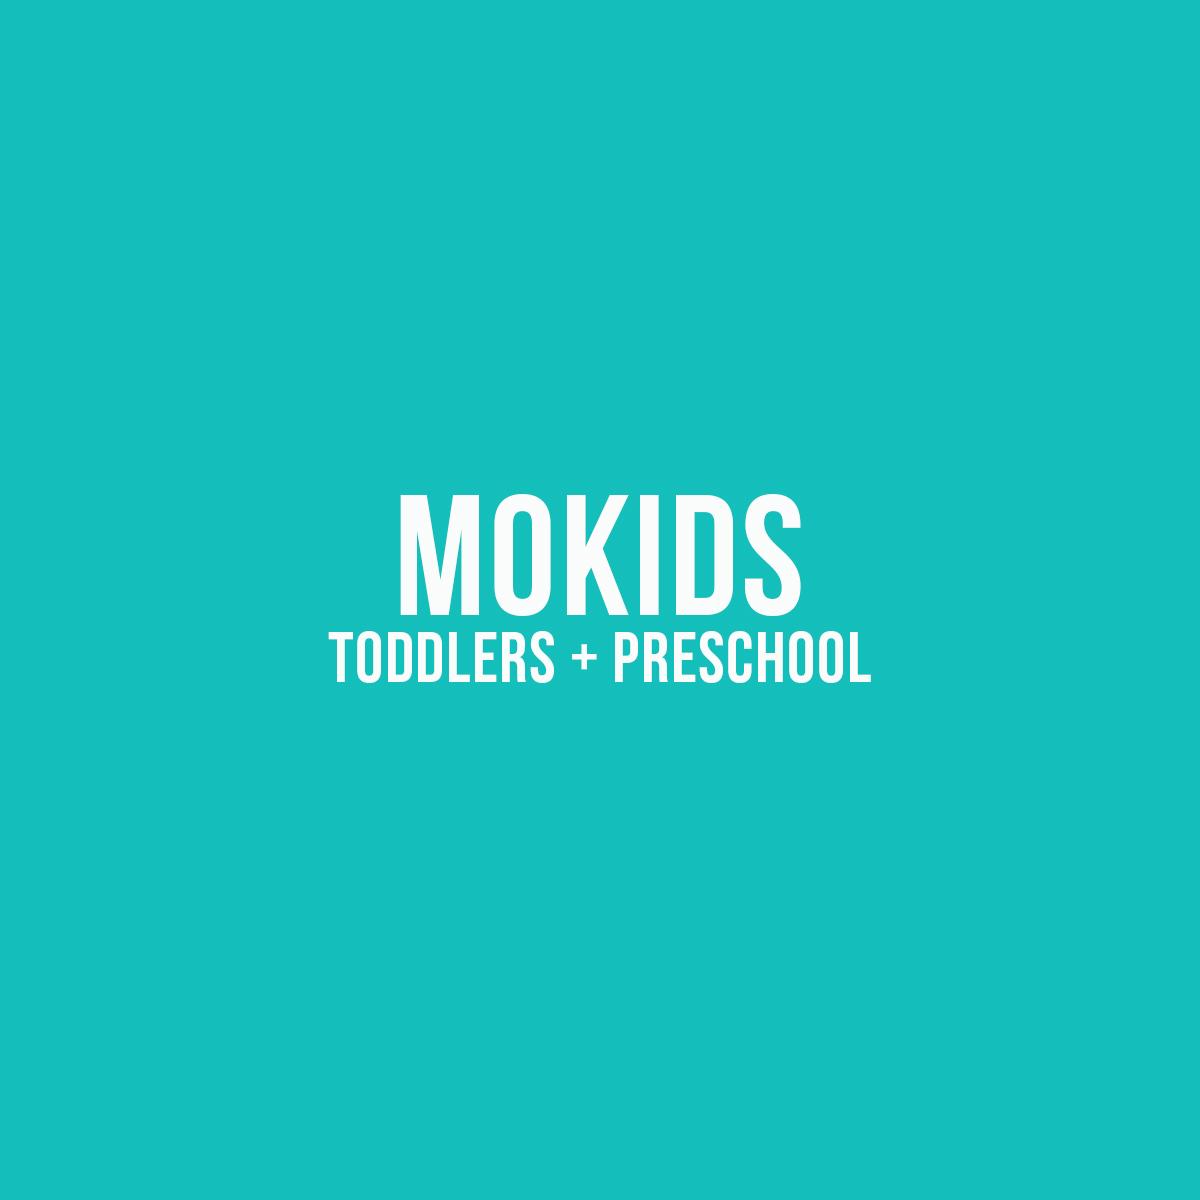 MMC Mokids P.jpg